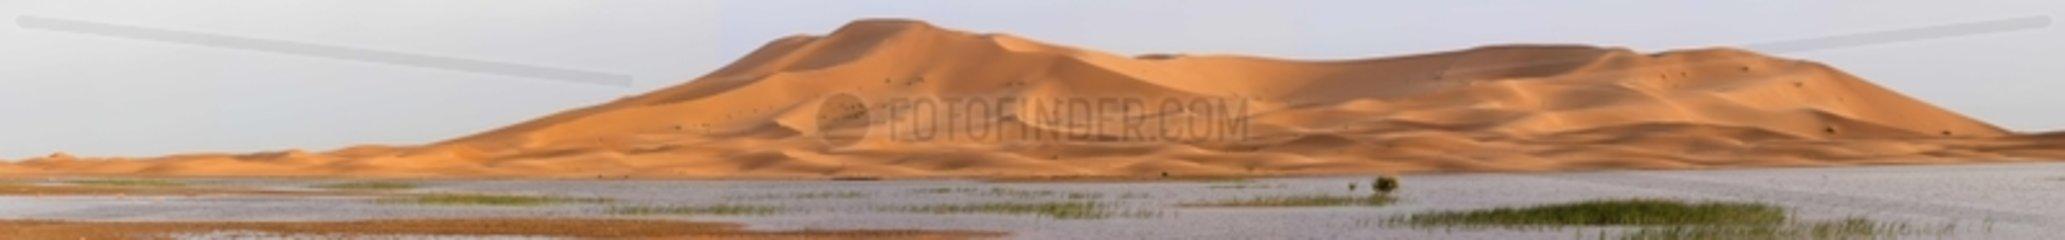 The lake Errachidia near Erg Chebbi in Morocco